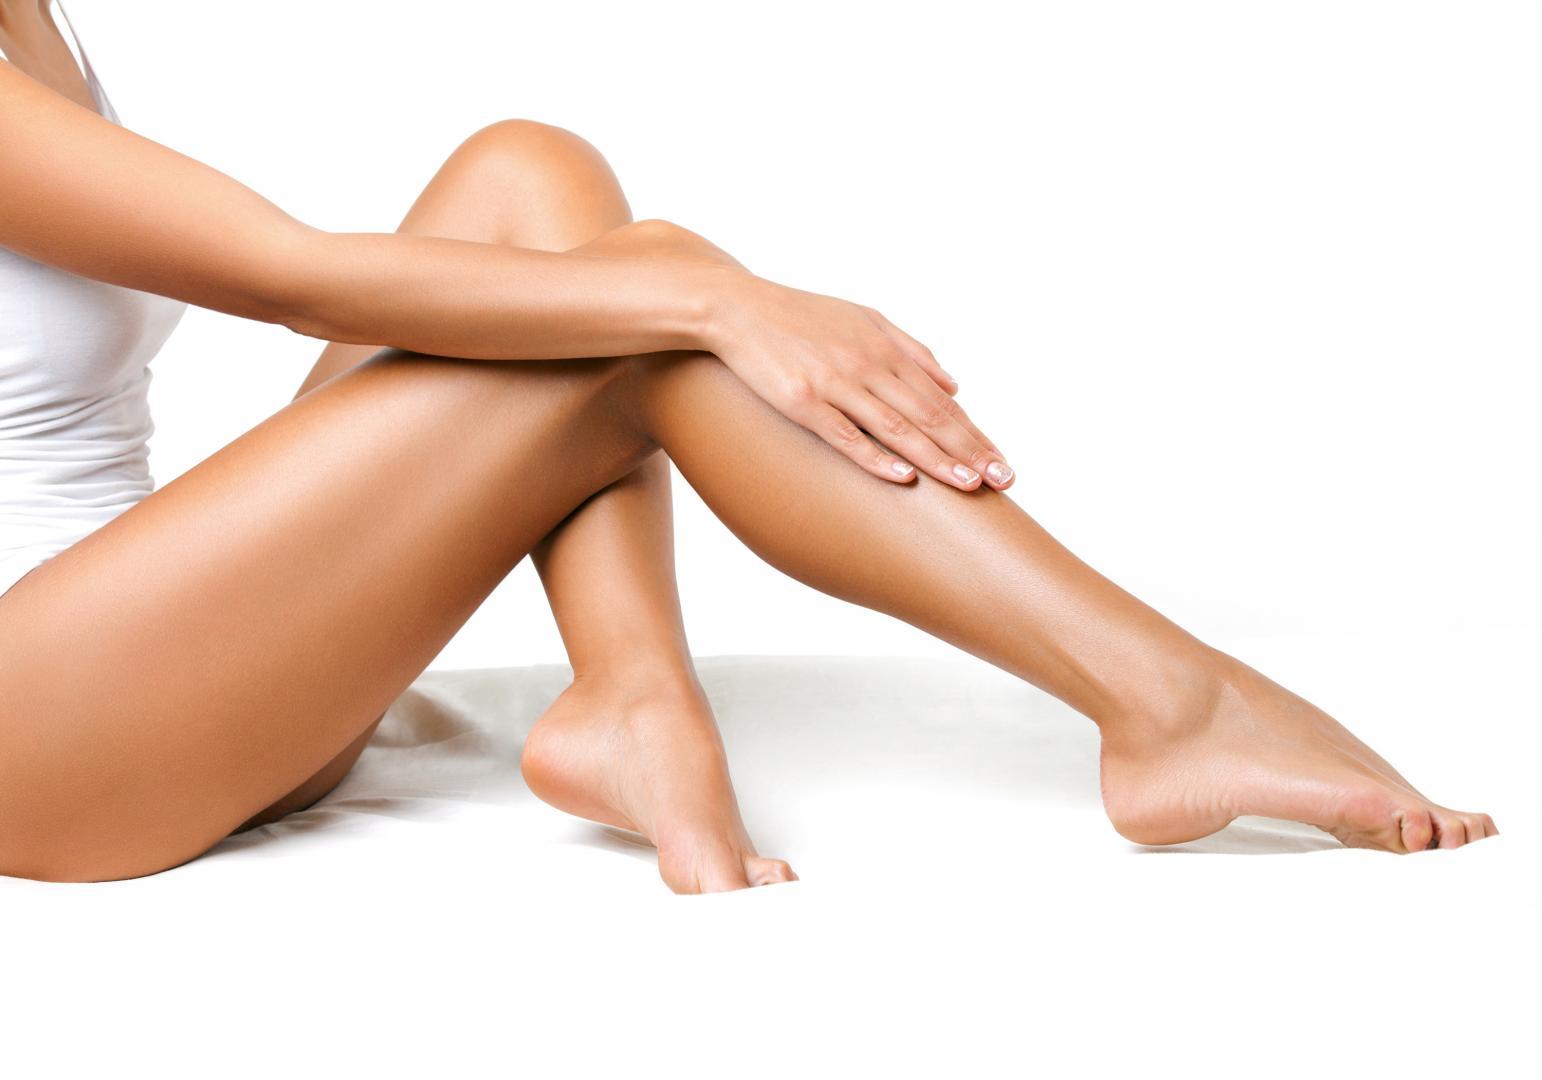 Kuidas hoolitseda oma naha eest pärast modernse karvaeemaldusseadme kasutamist?